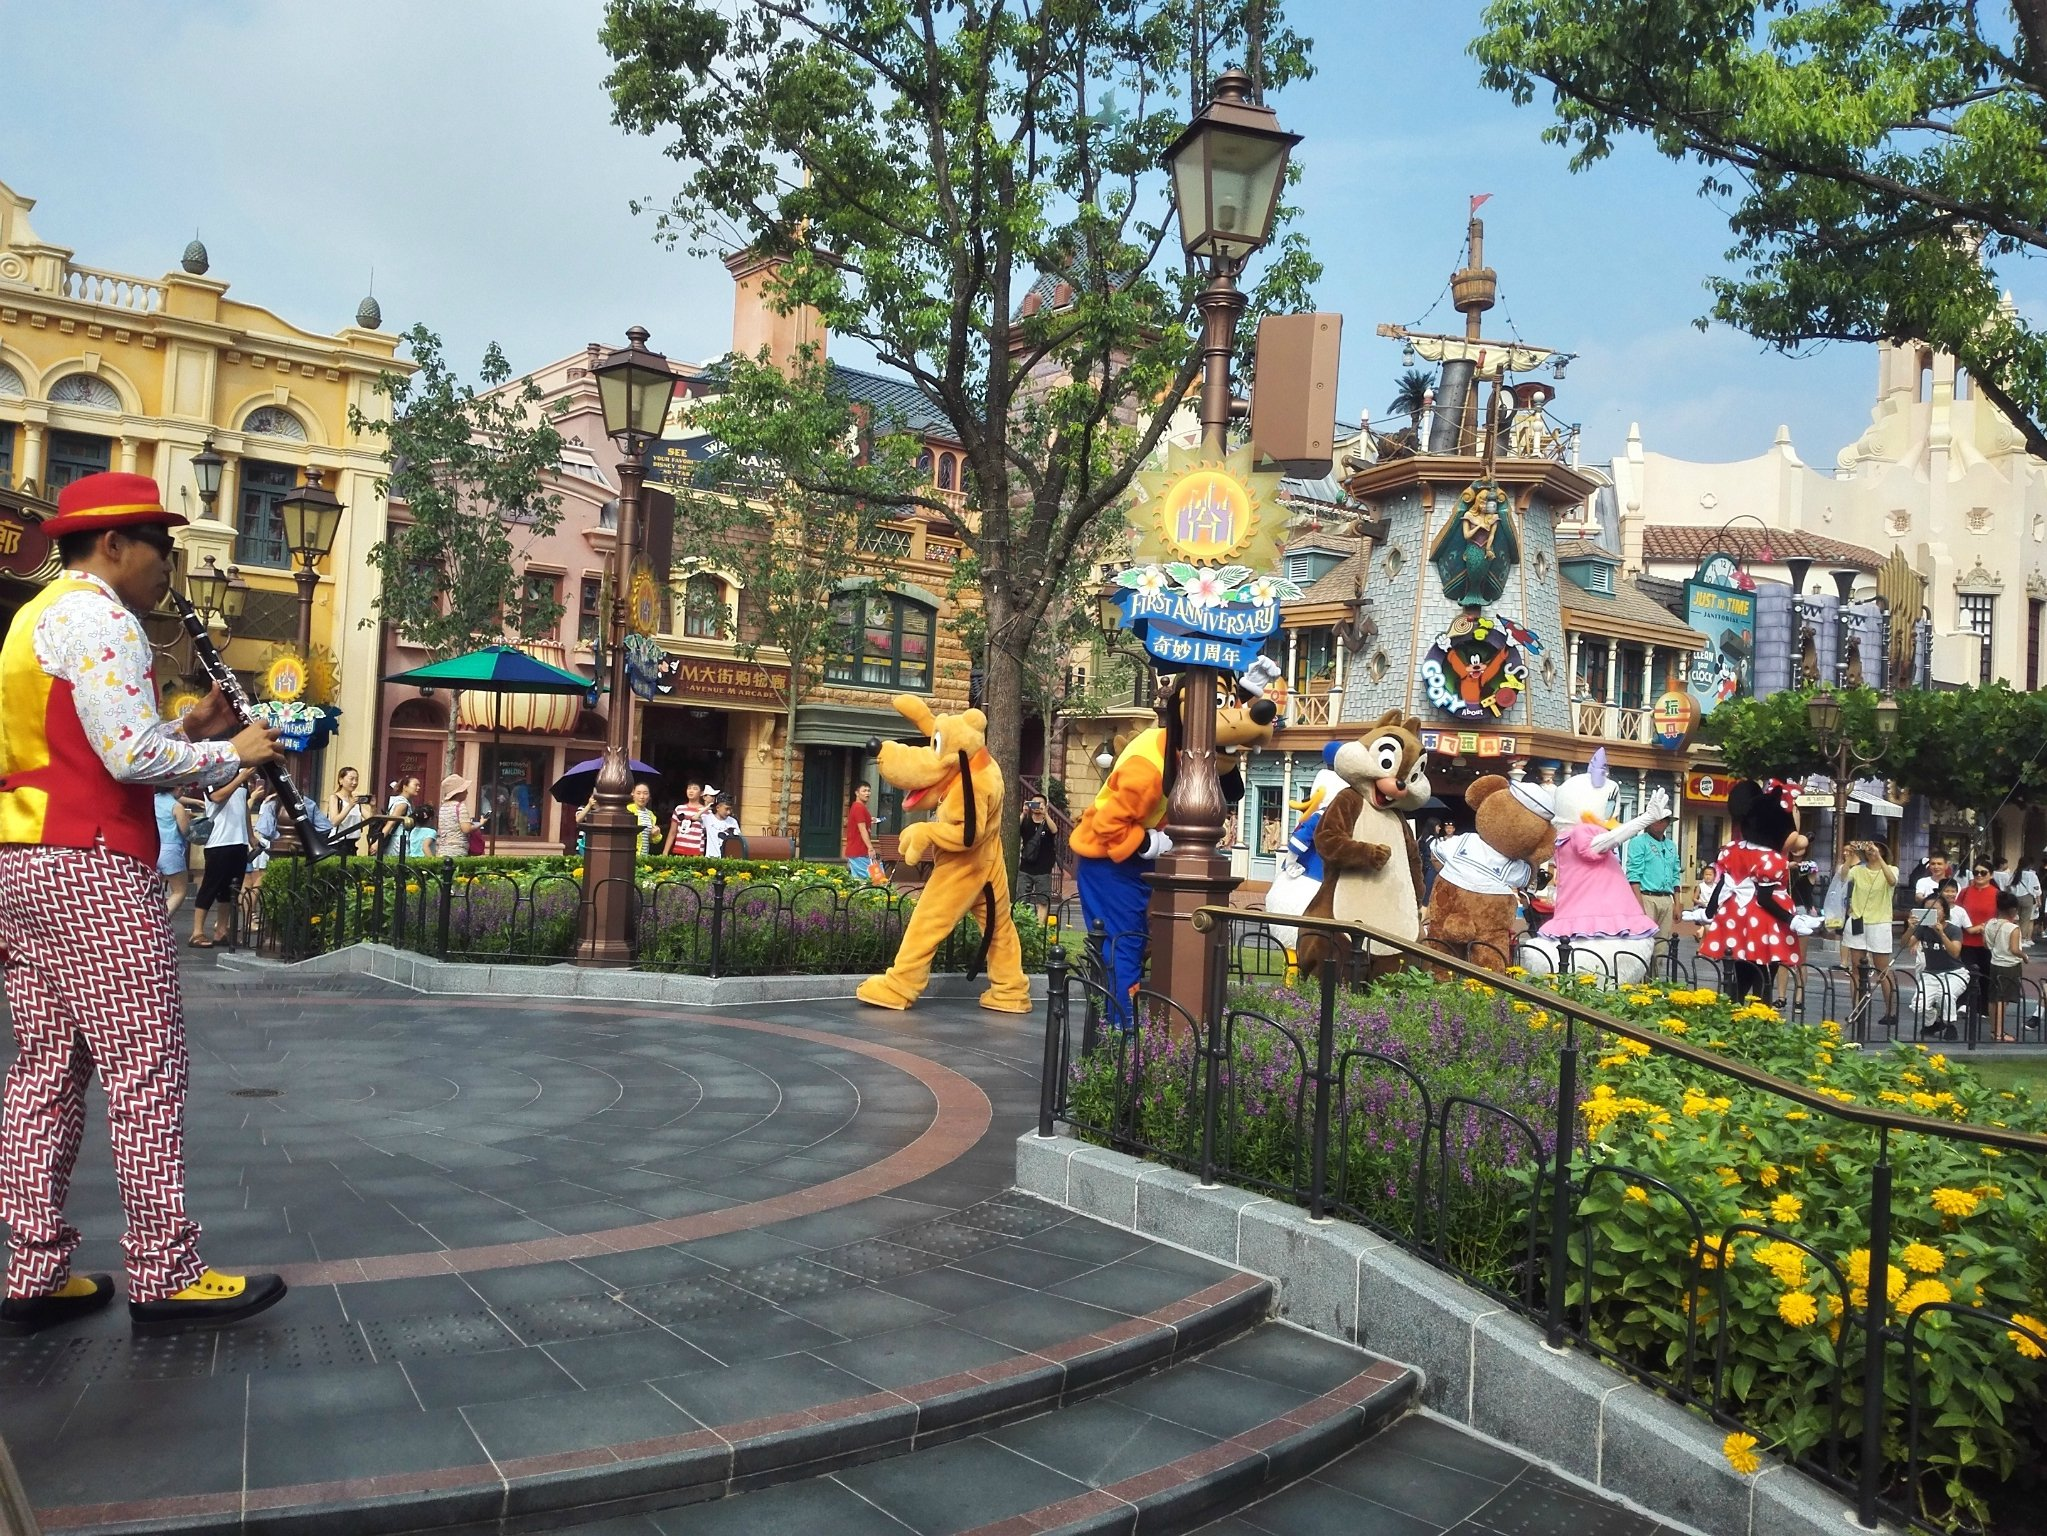 遇见迪士尼 —— 炎炎夏日里的三日狂欢